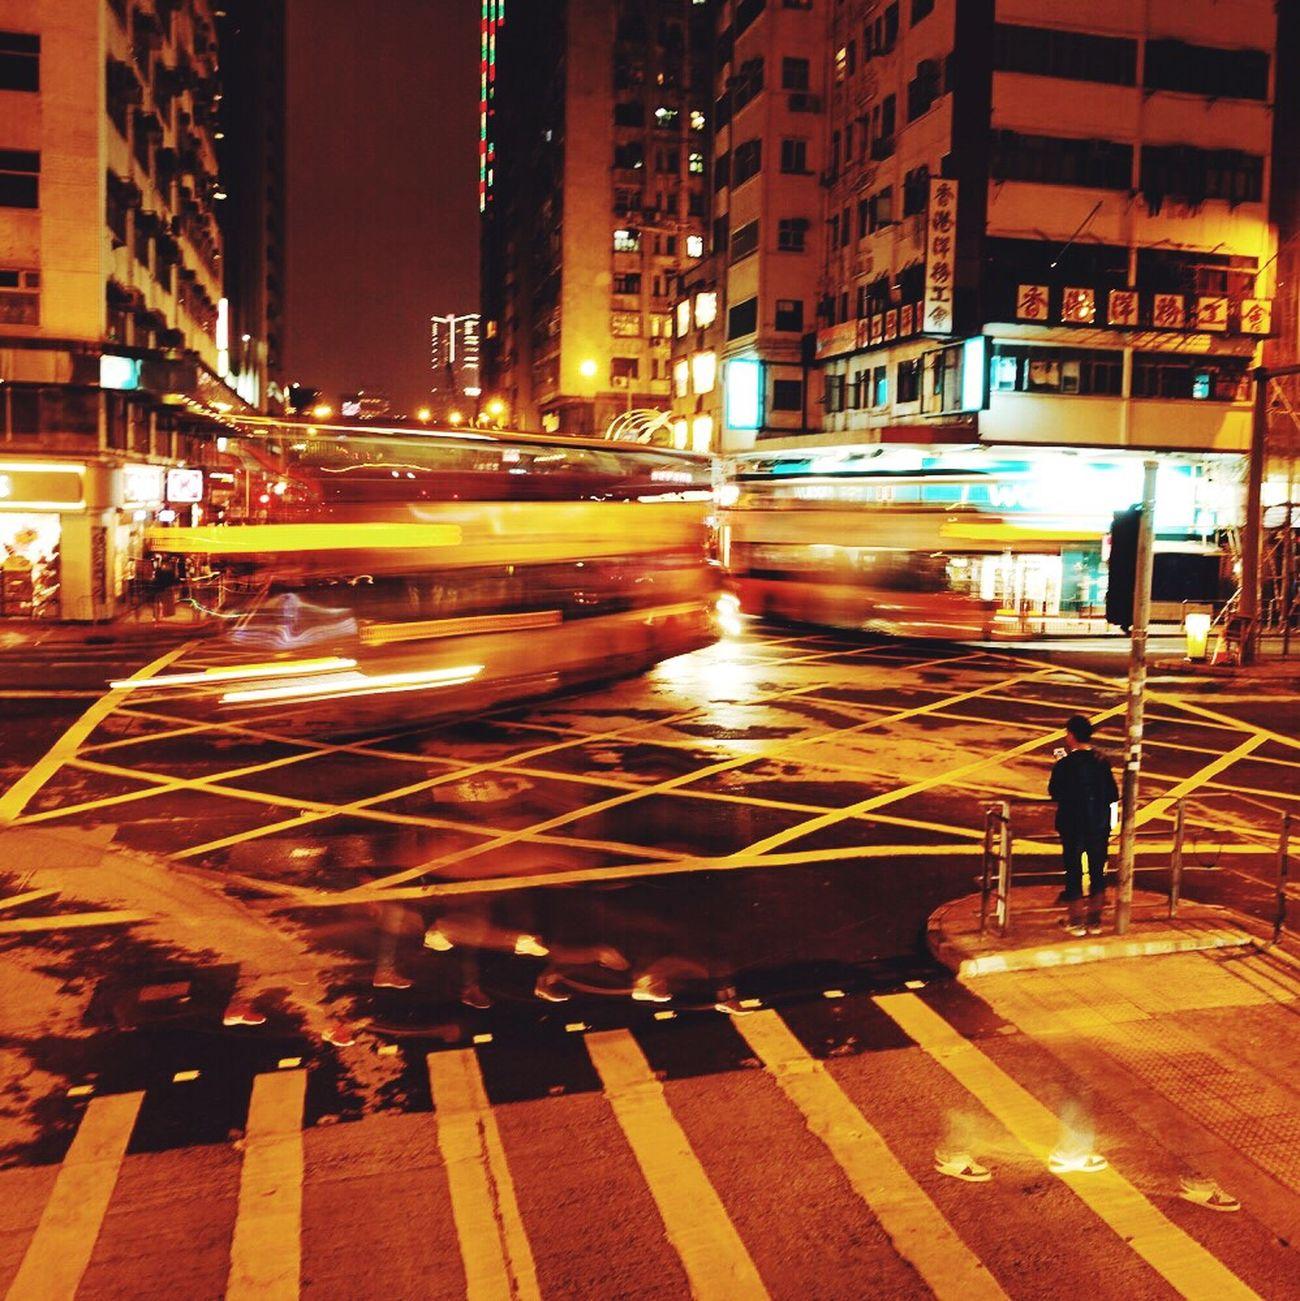 香港 马路 延时摄影 夜景 Light Hk Night